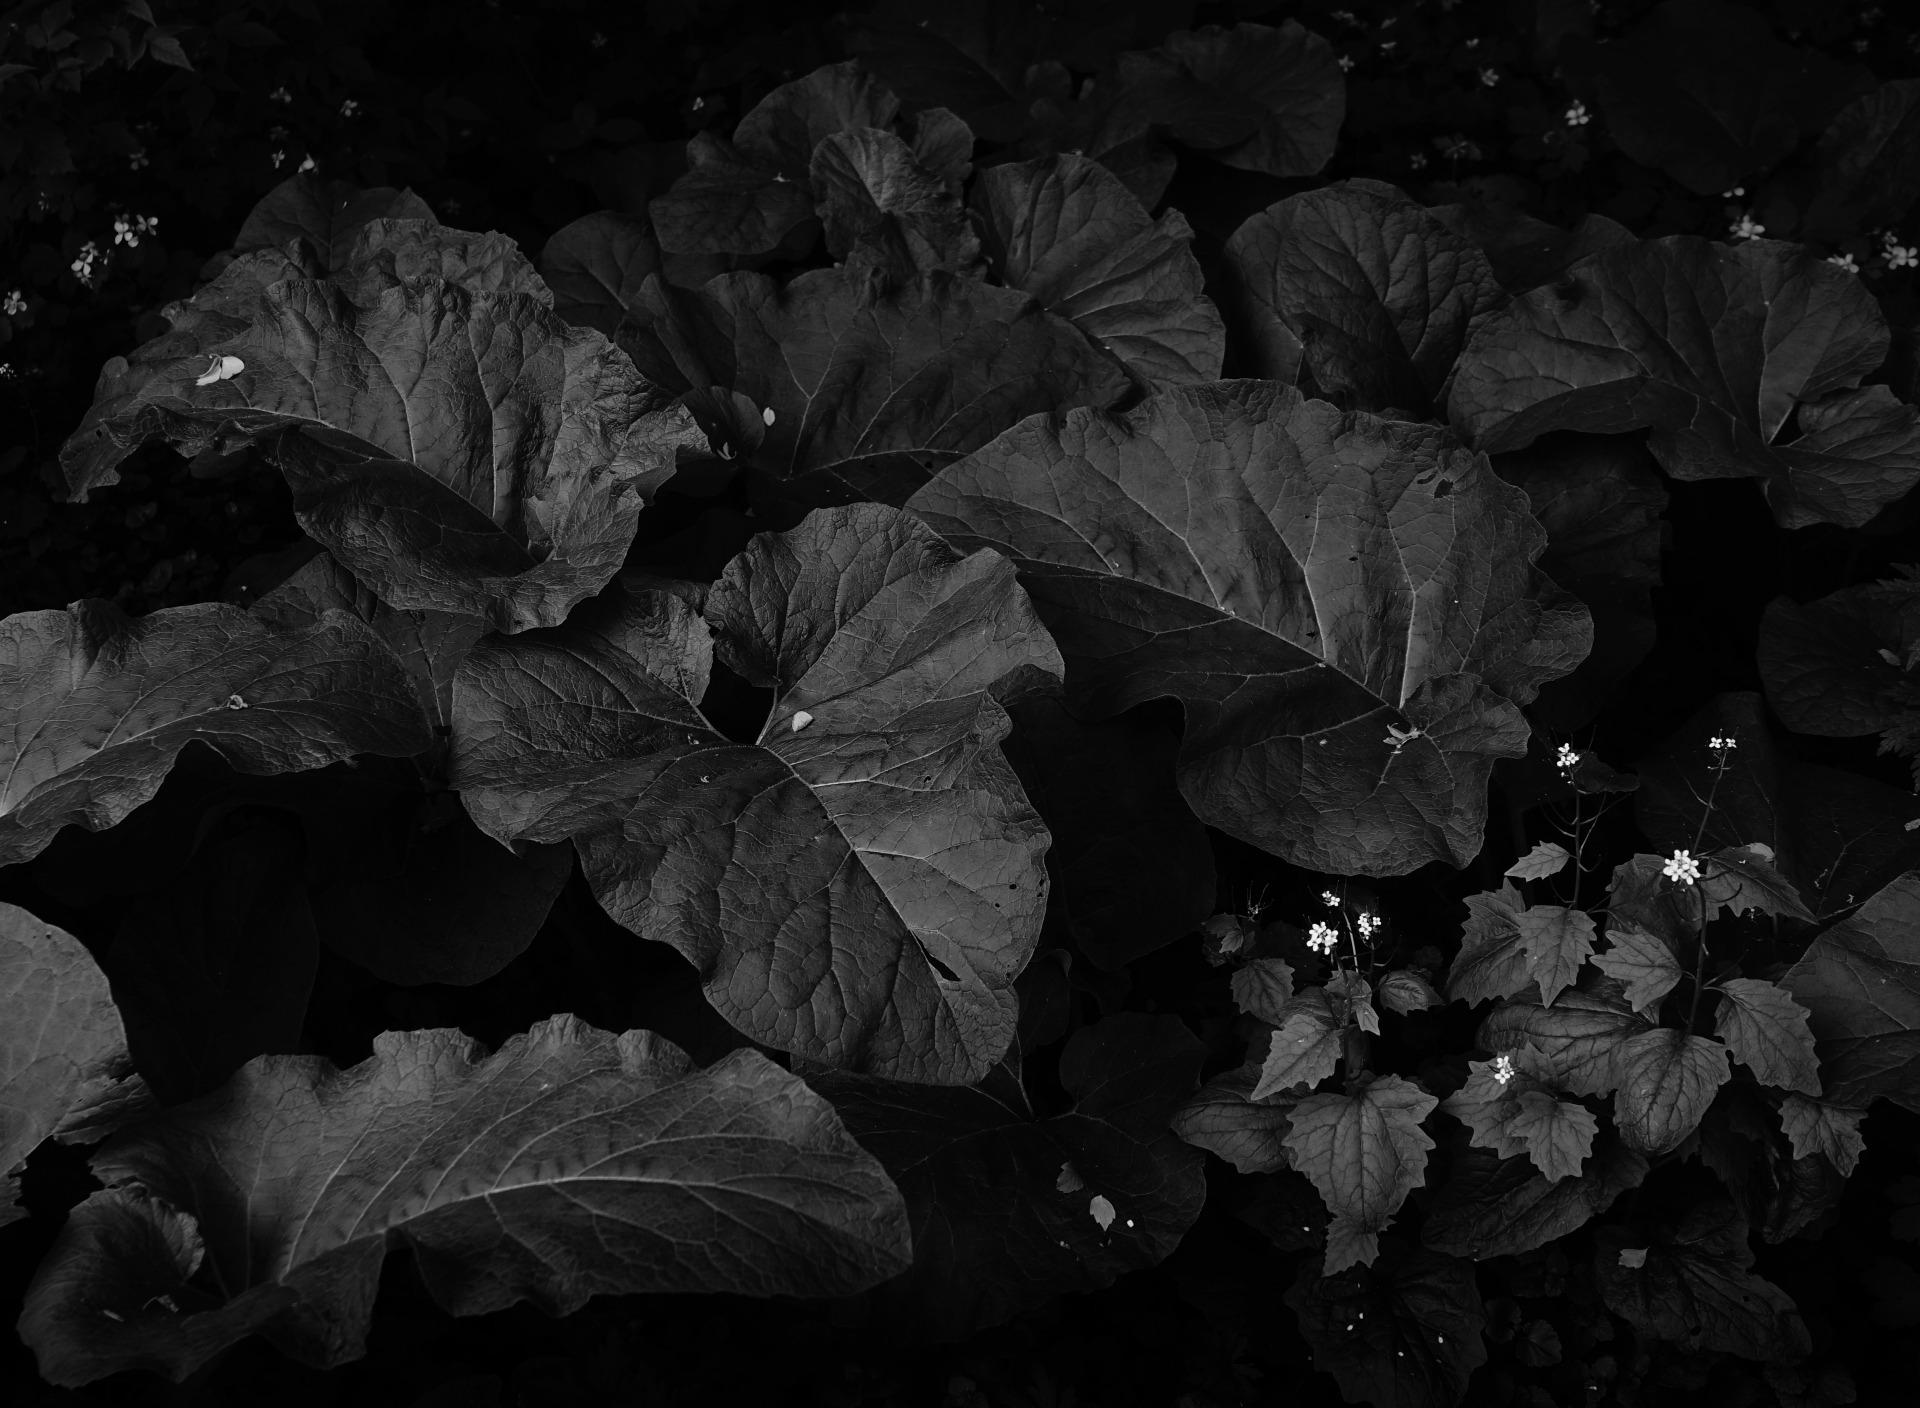 негативно синий фильтр в черно белой фотографии немного протирайте ложкой